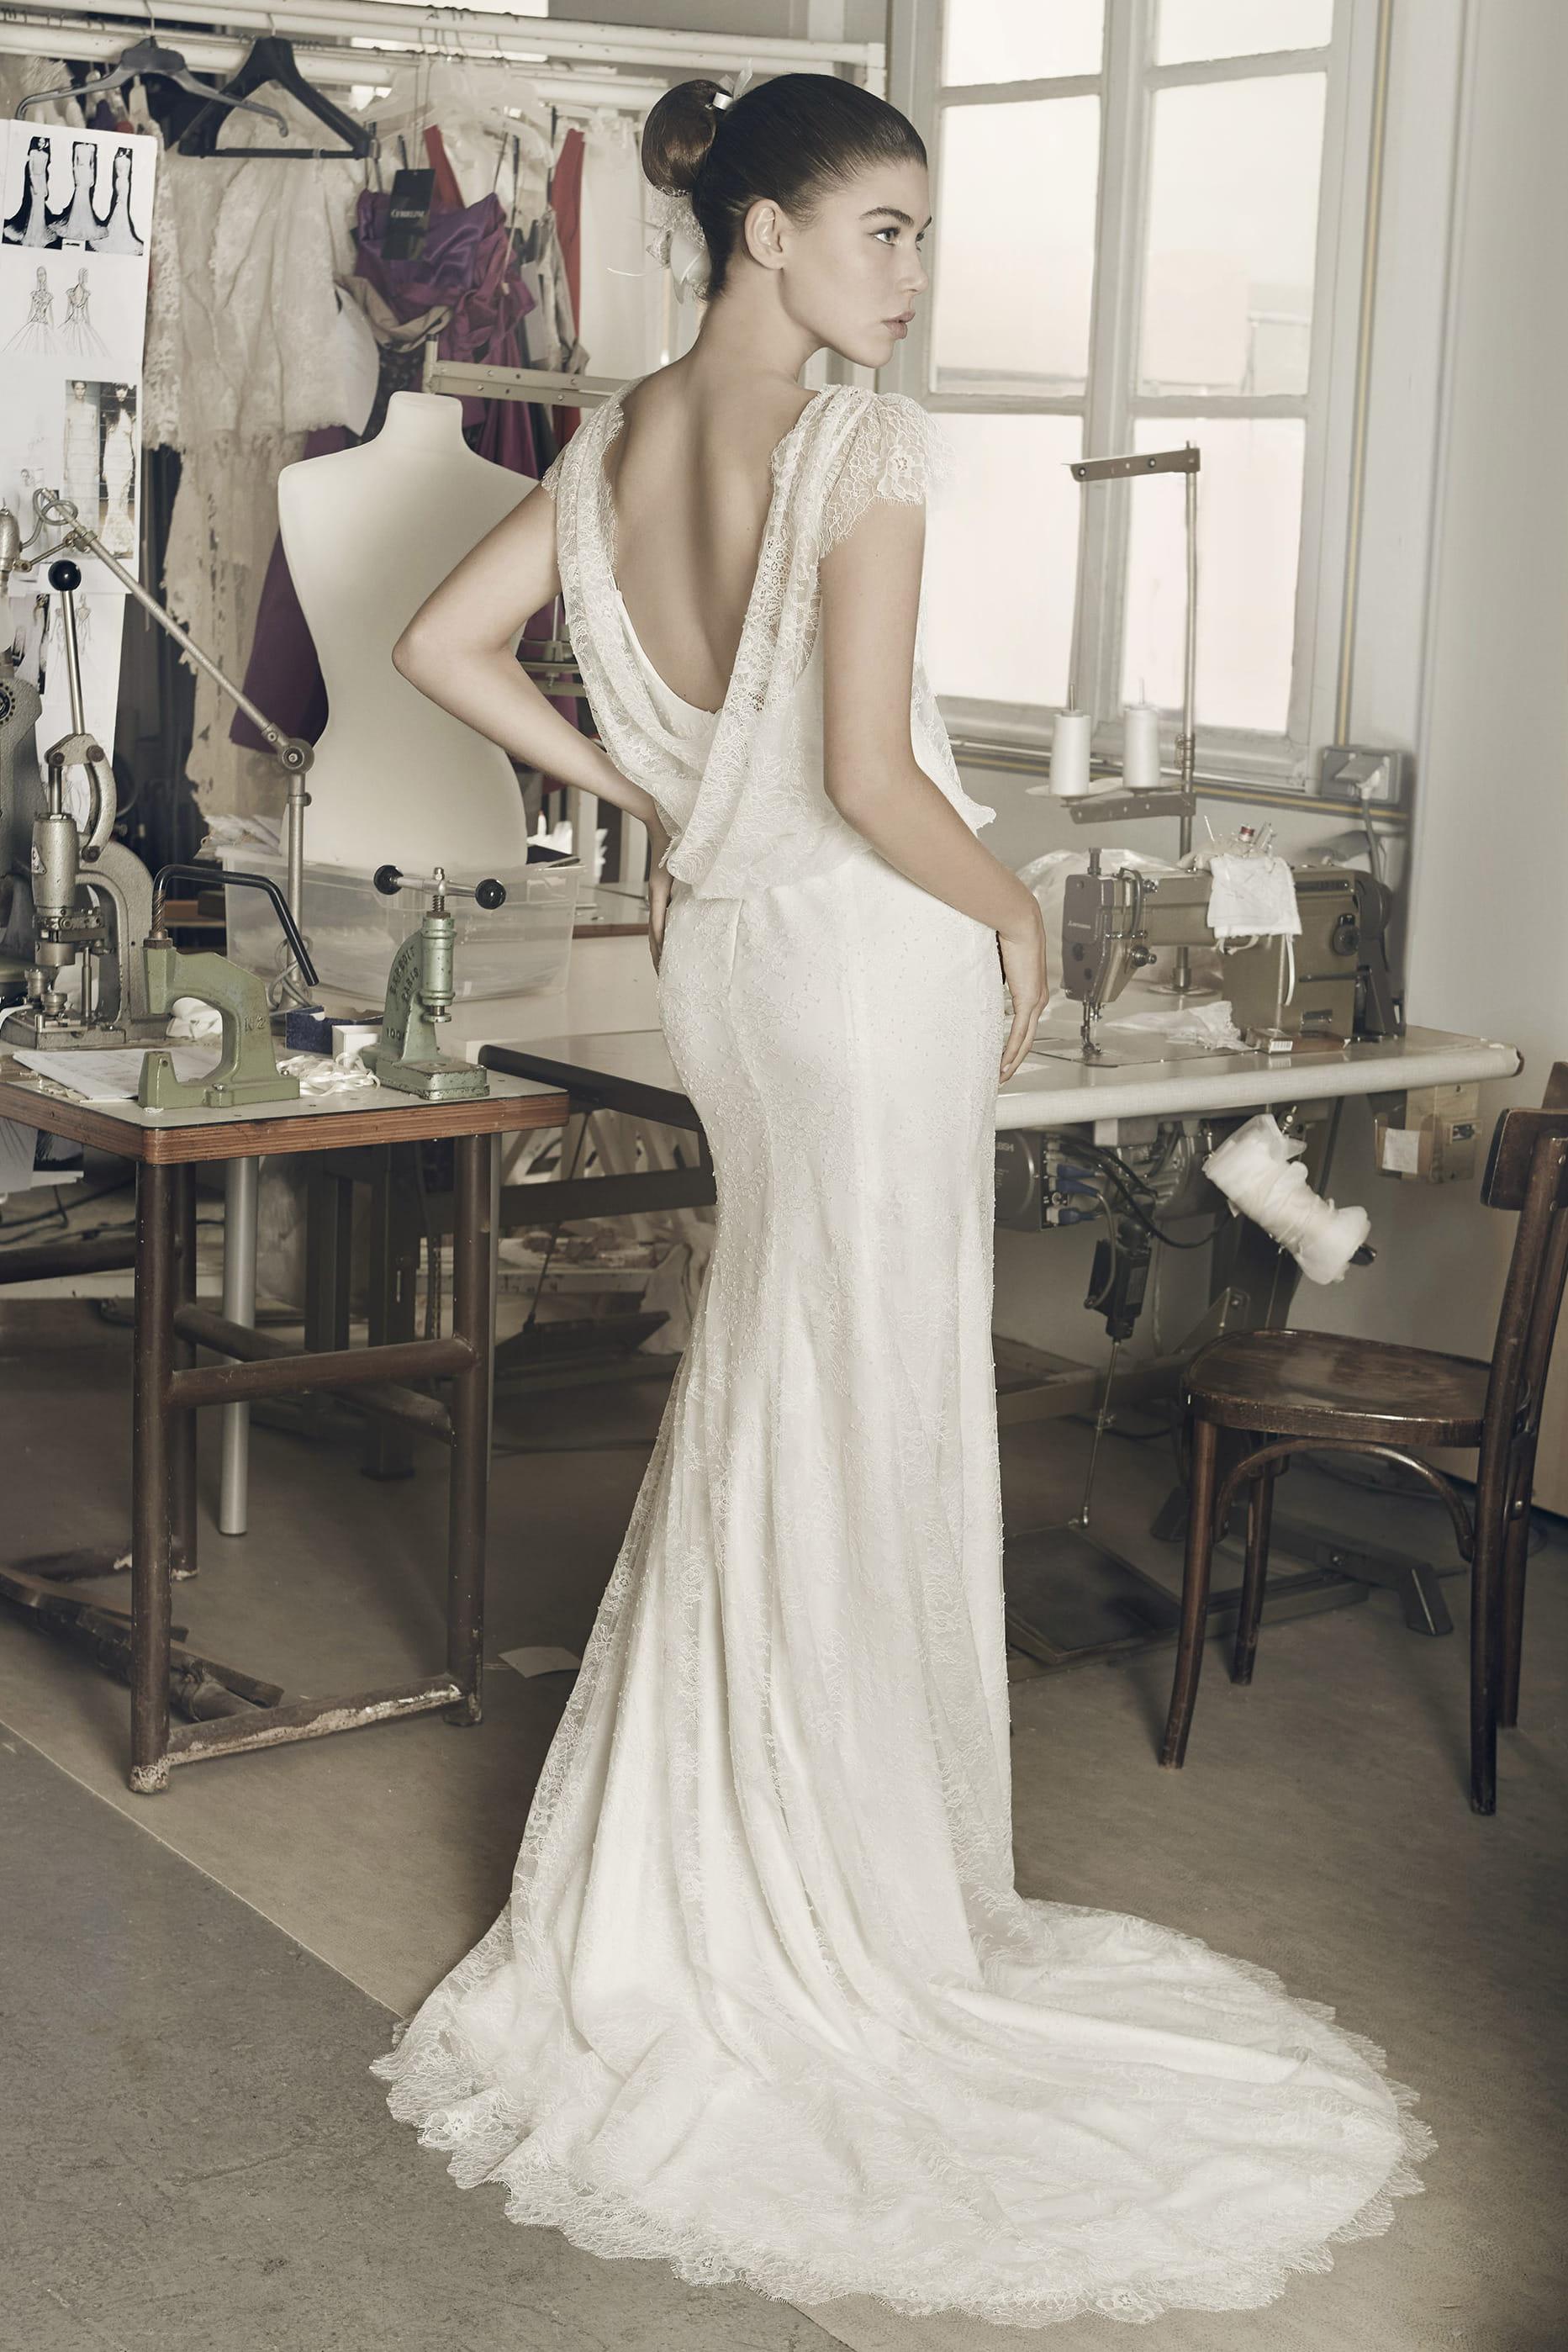 ... de Cymbeline : Les plus belles robes de mariée 2016 - Journal des